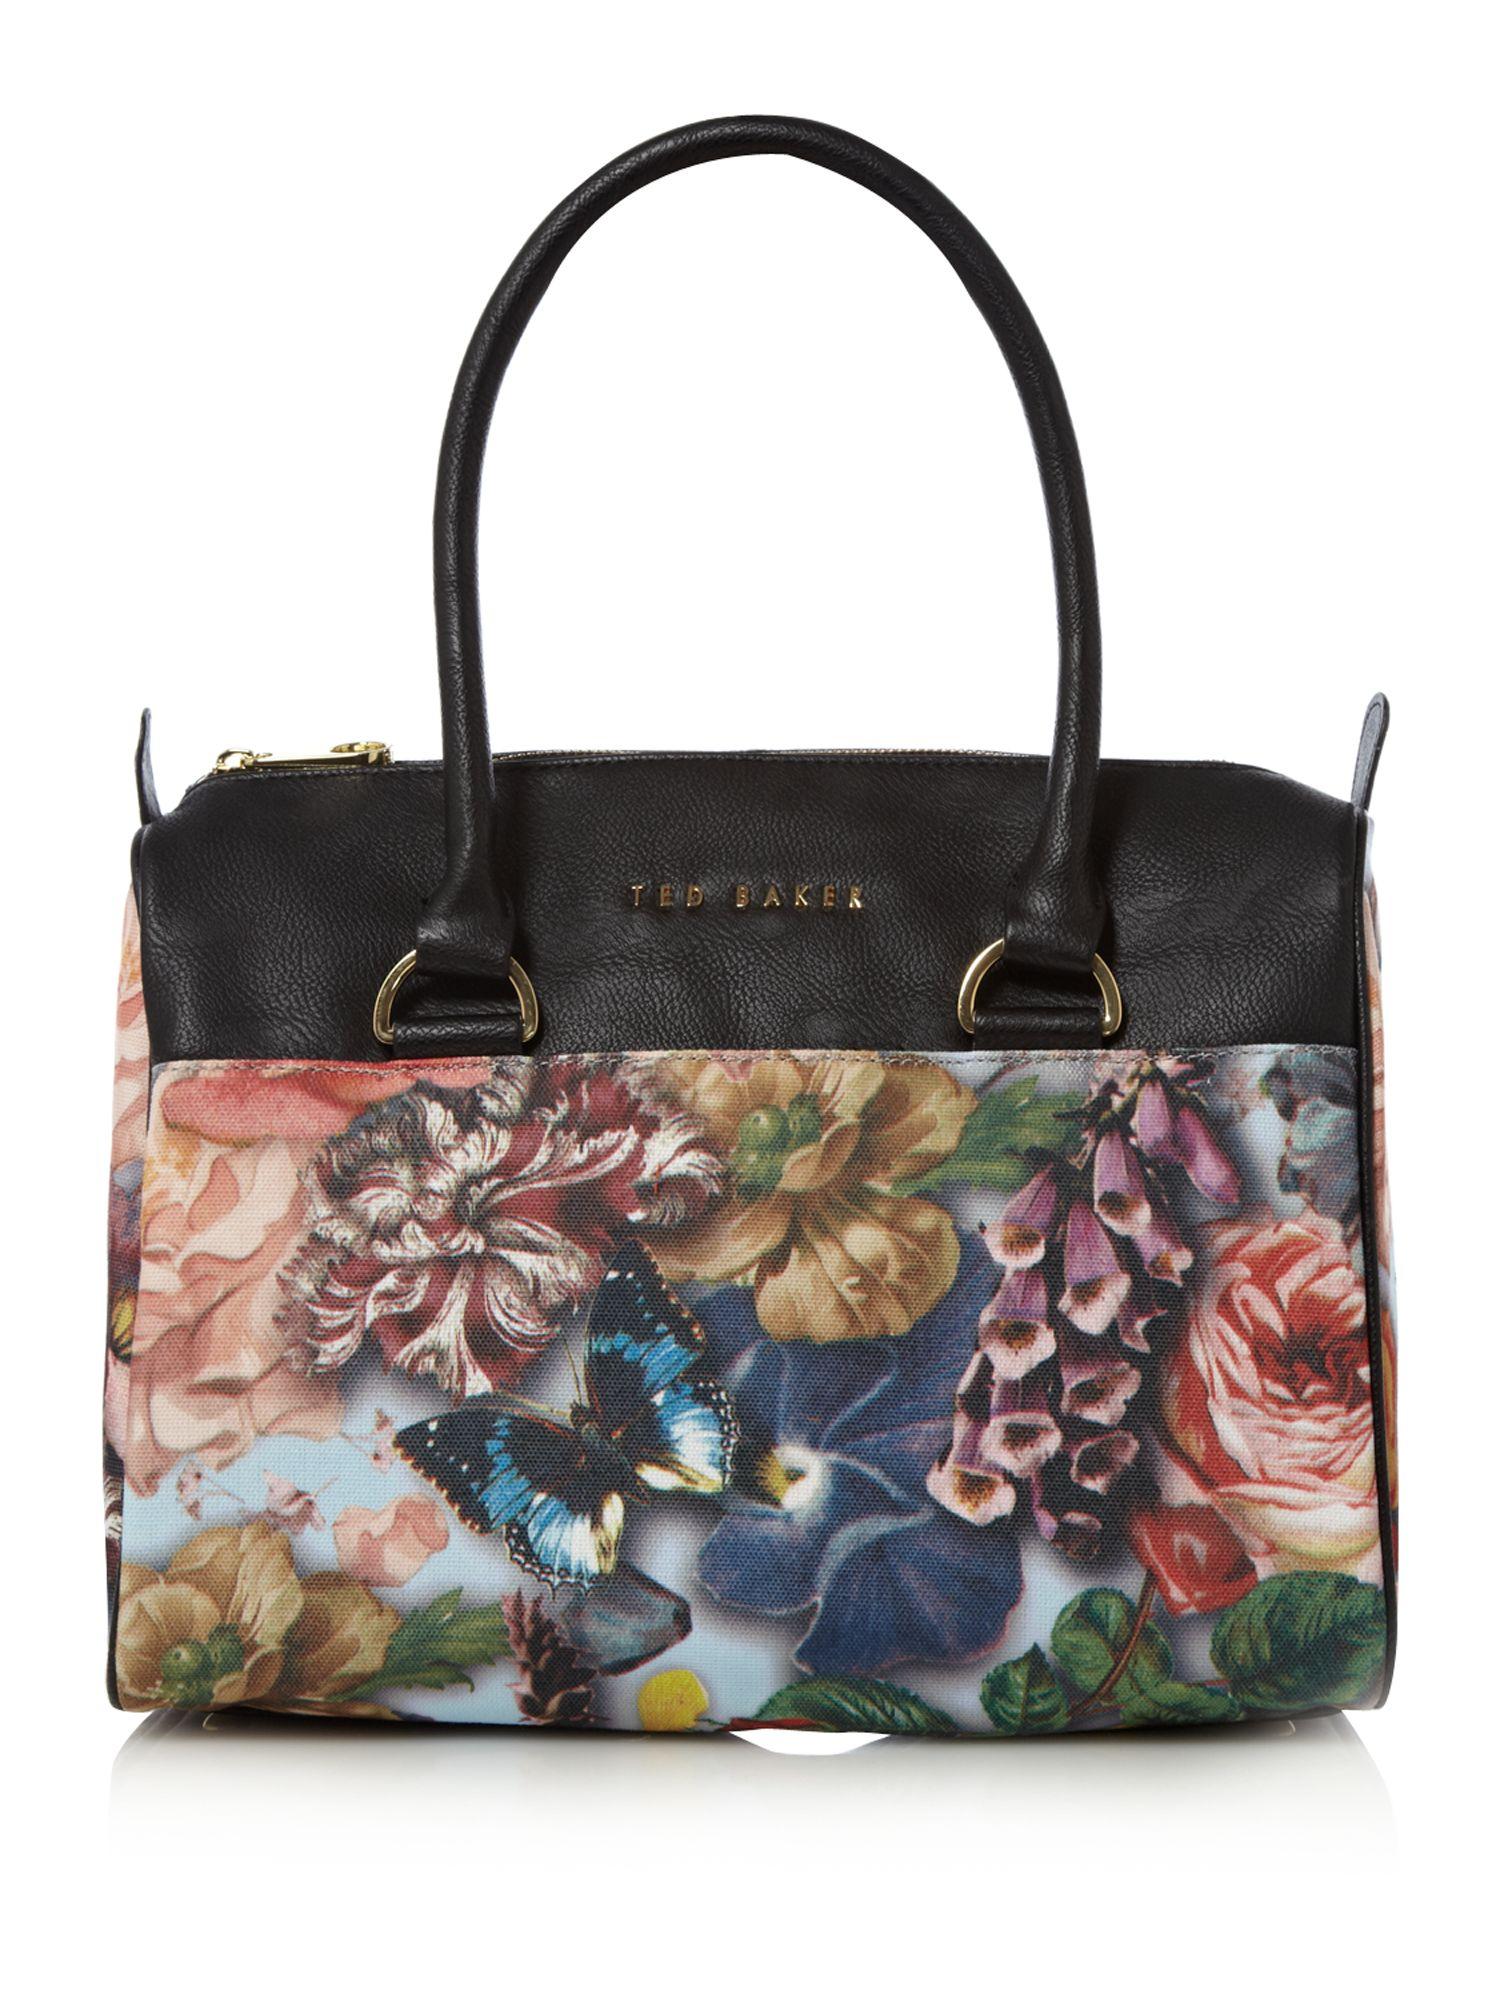 07c992196 Ted Baker Floral Bag On Sale